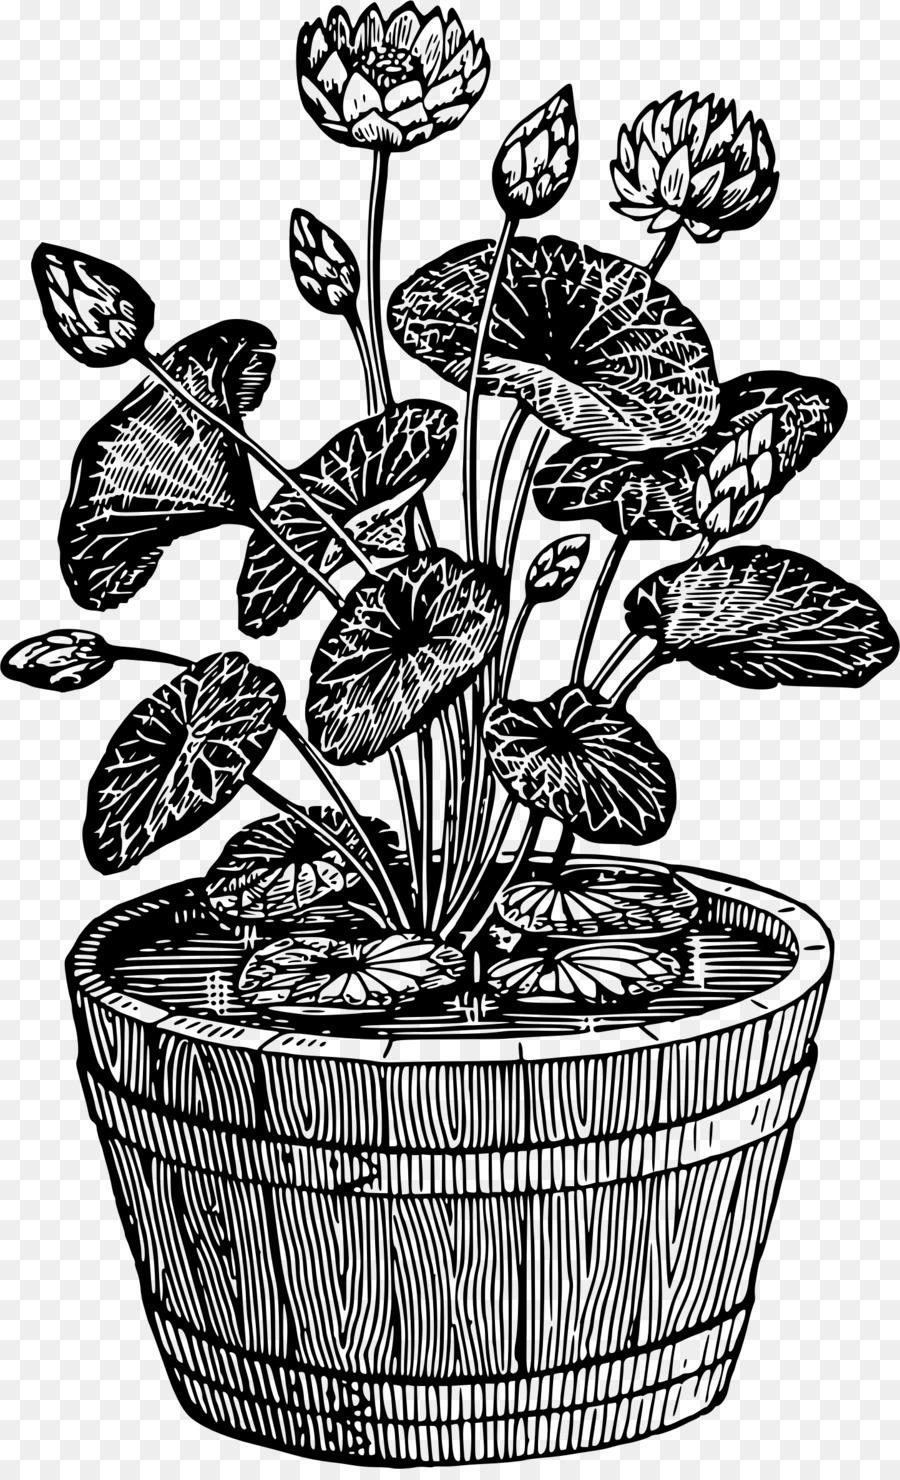 бабо поводу рисунок комнатные растения купить кованый